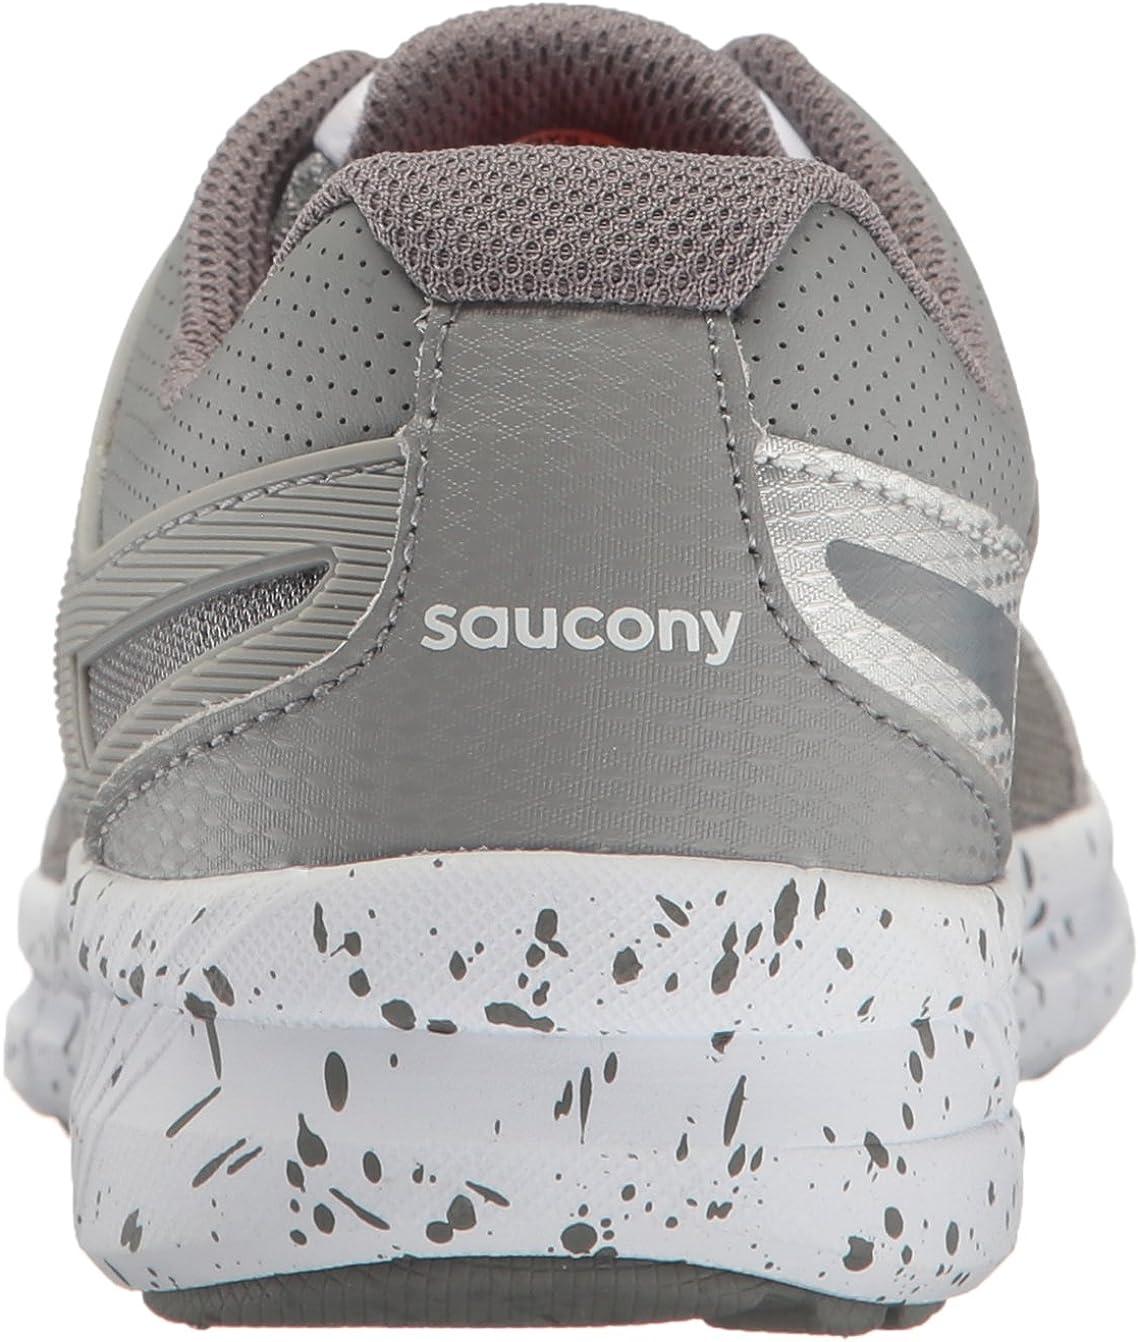 Saucony Velocity Scarpe da corsa (bambini piccoligrandi